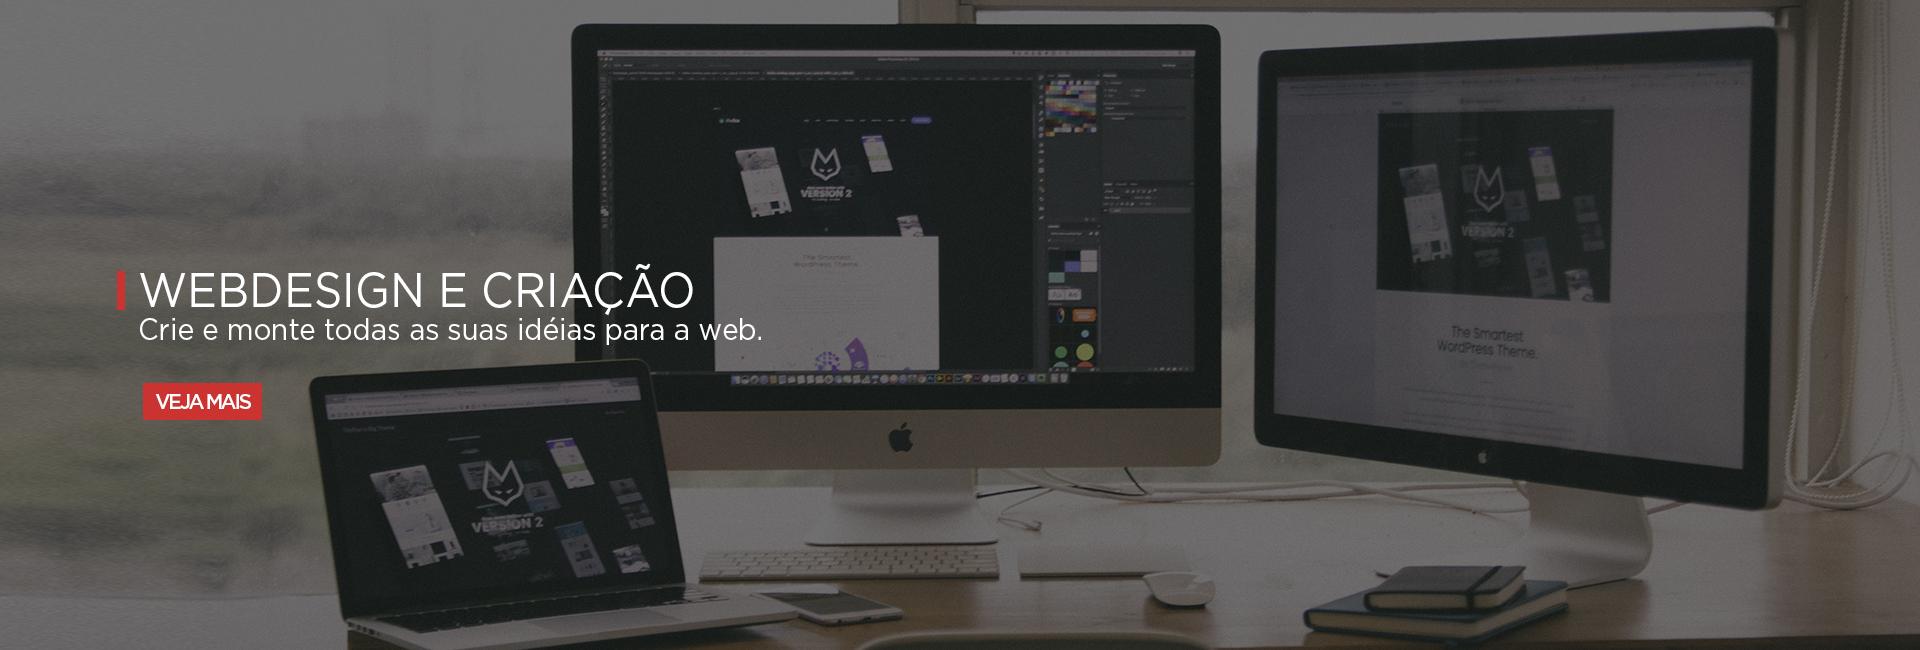 Impactausa webdesigncriacao